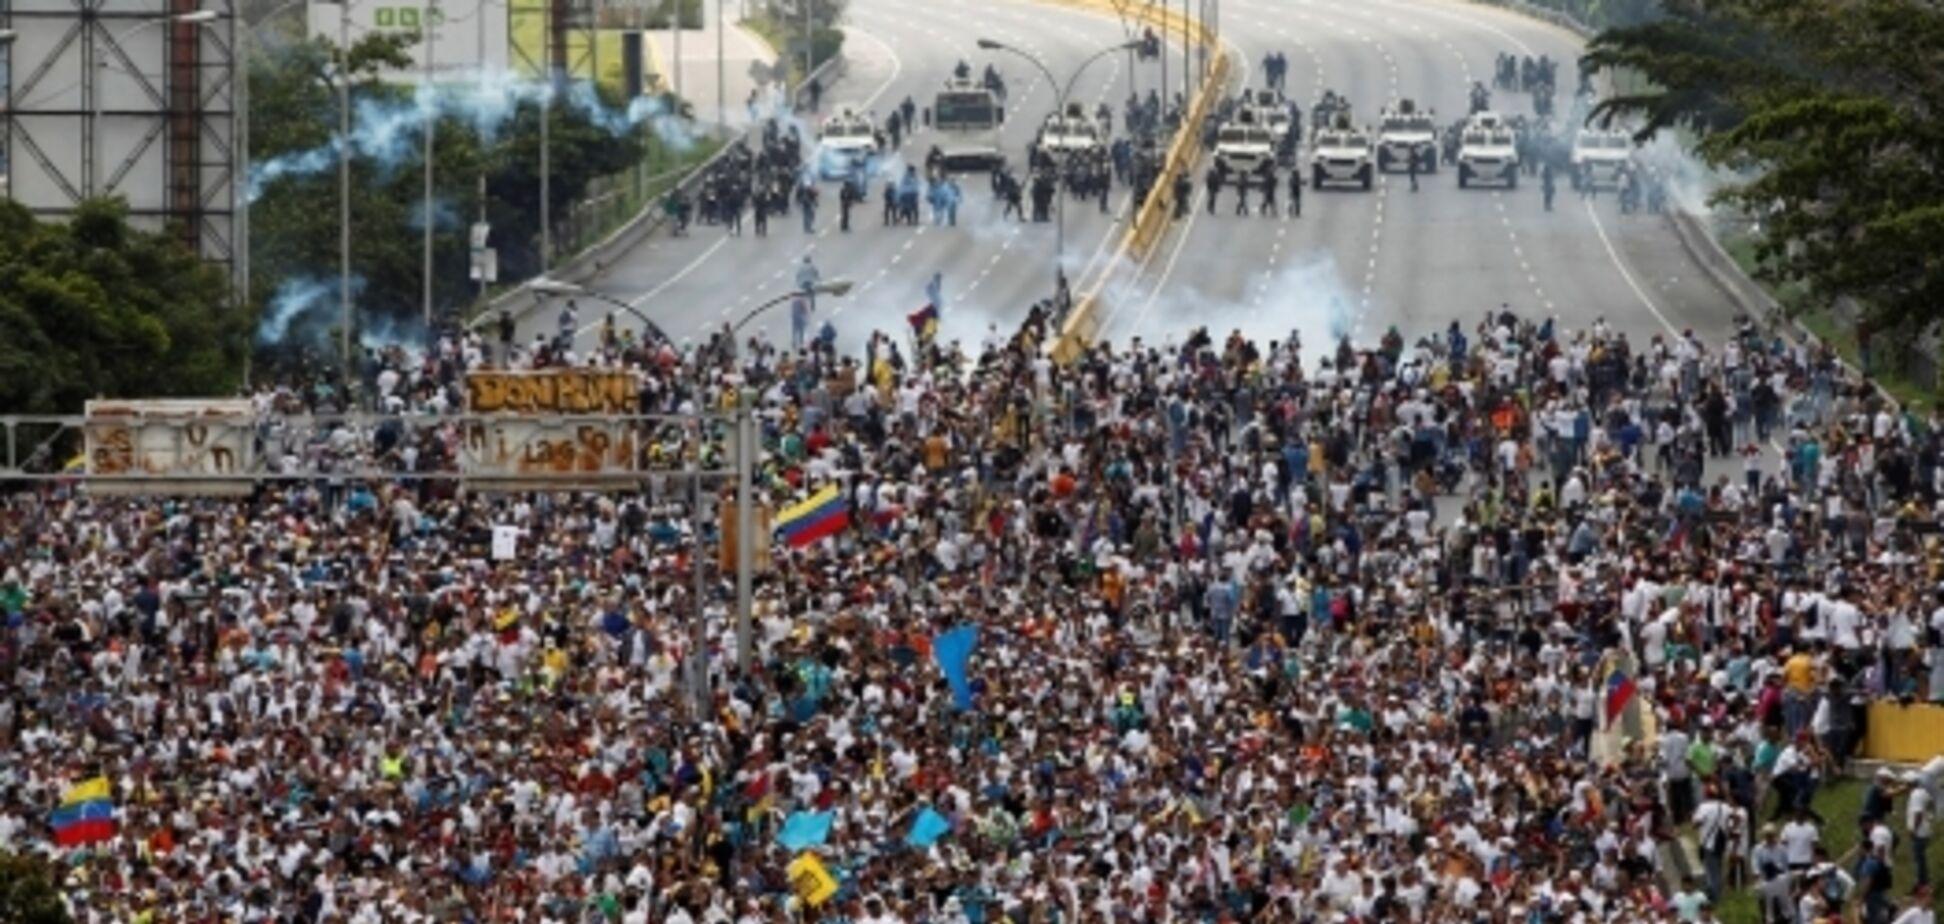 Плевать Путин хотел на венесуэльский народ